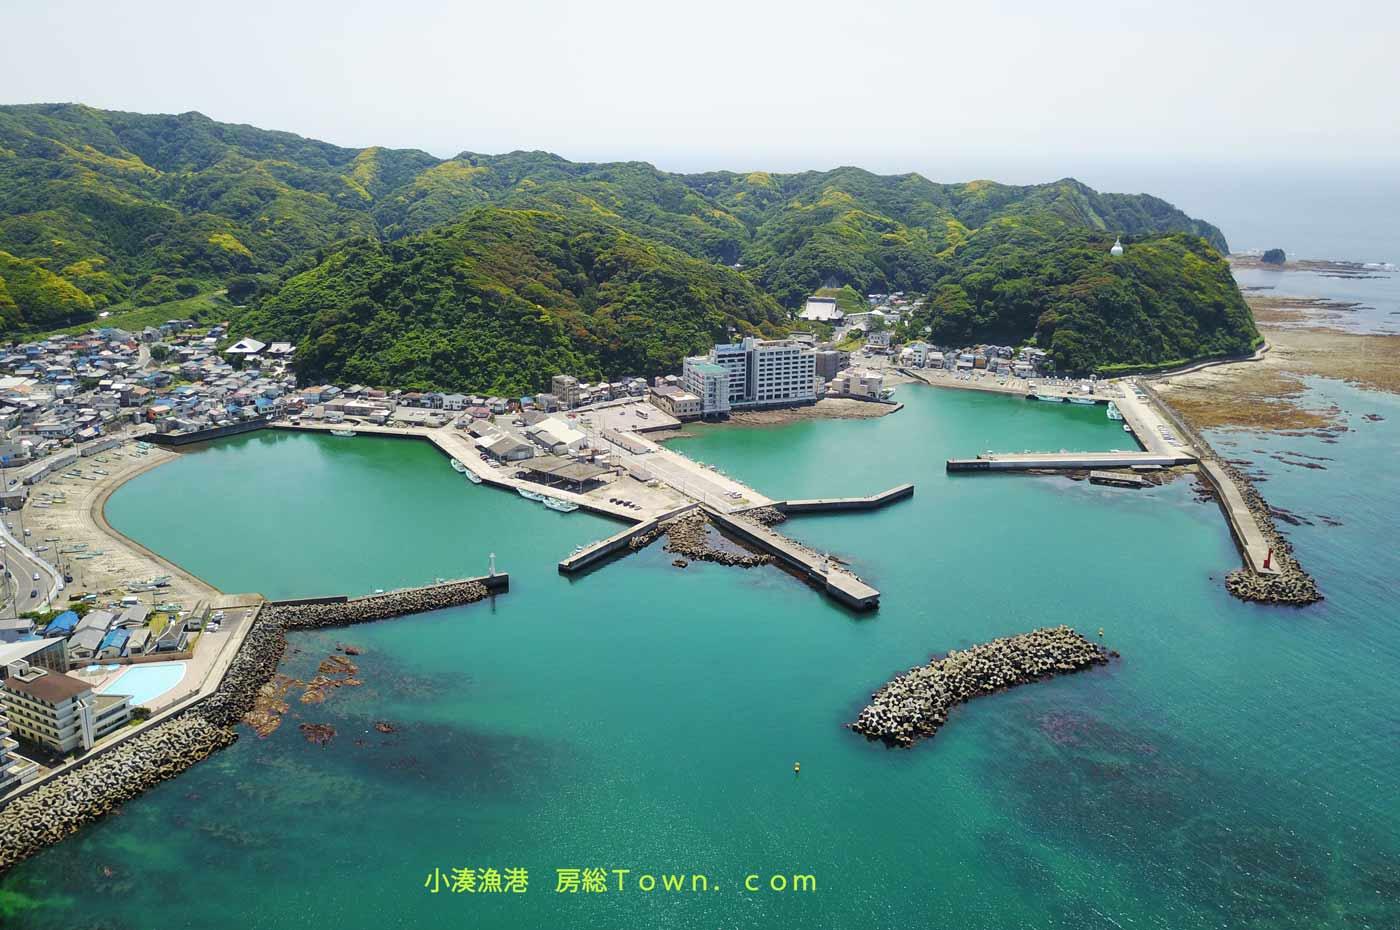 小湊漁港を空撮